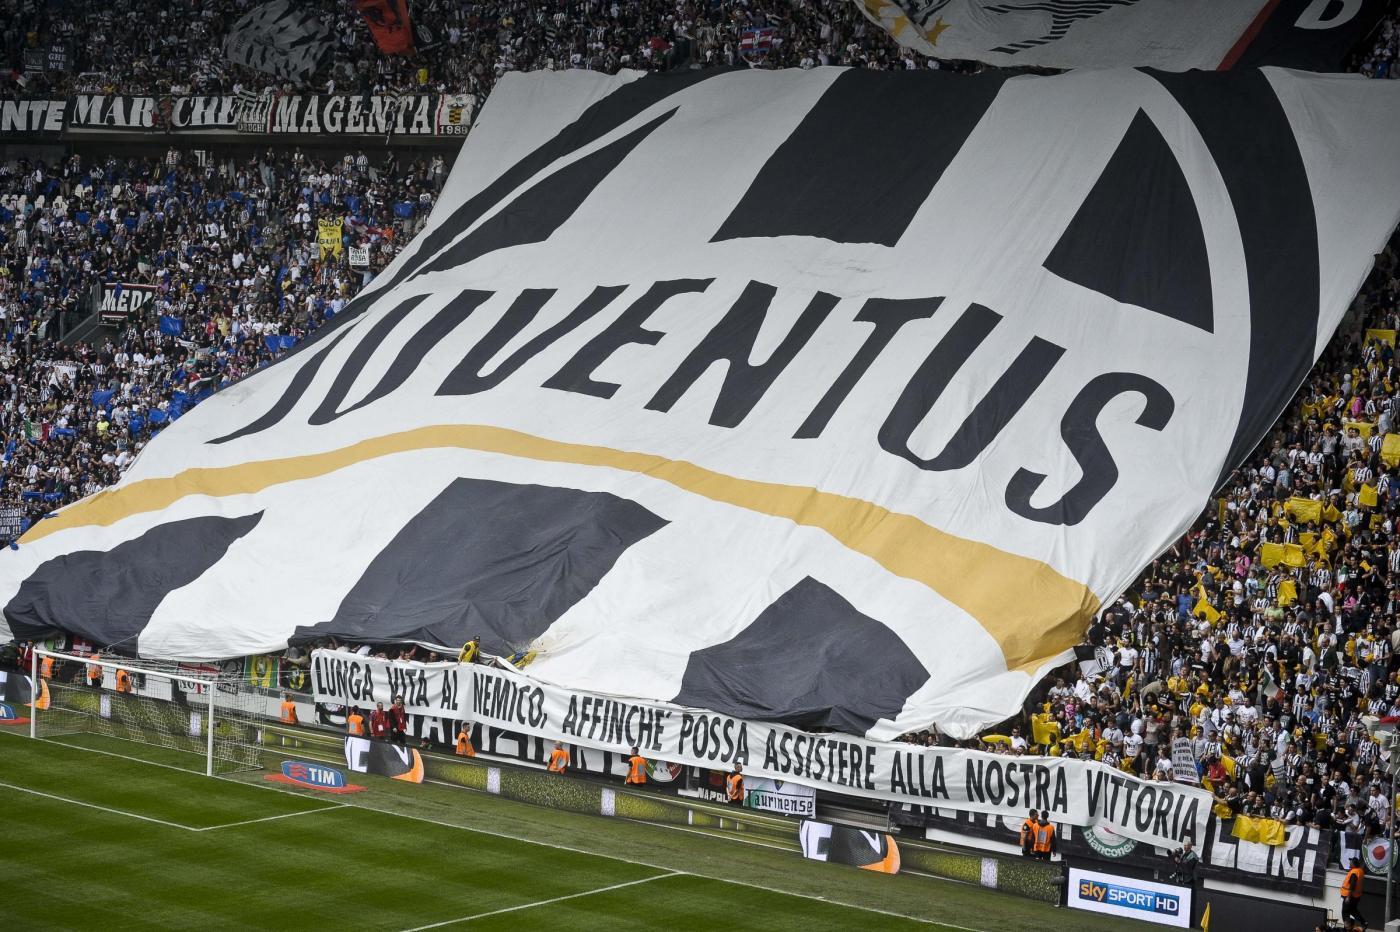 Campagna abbonamenti serie A 2016-2017: la Juve domina, Napoli non pervenuto